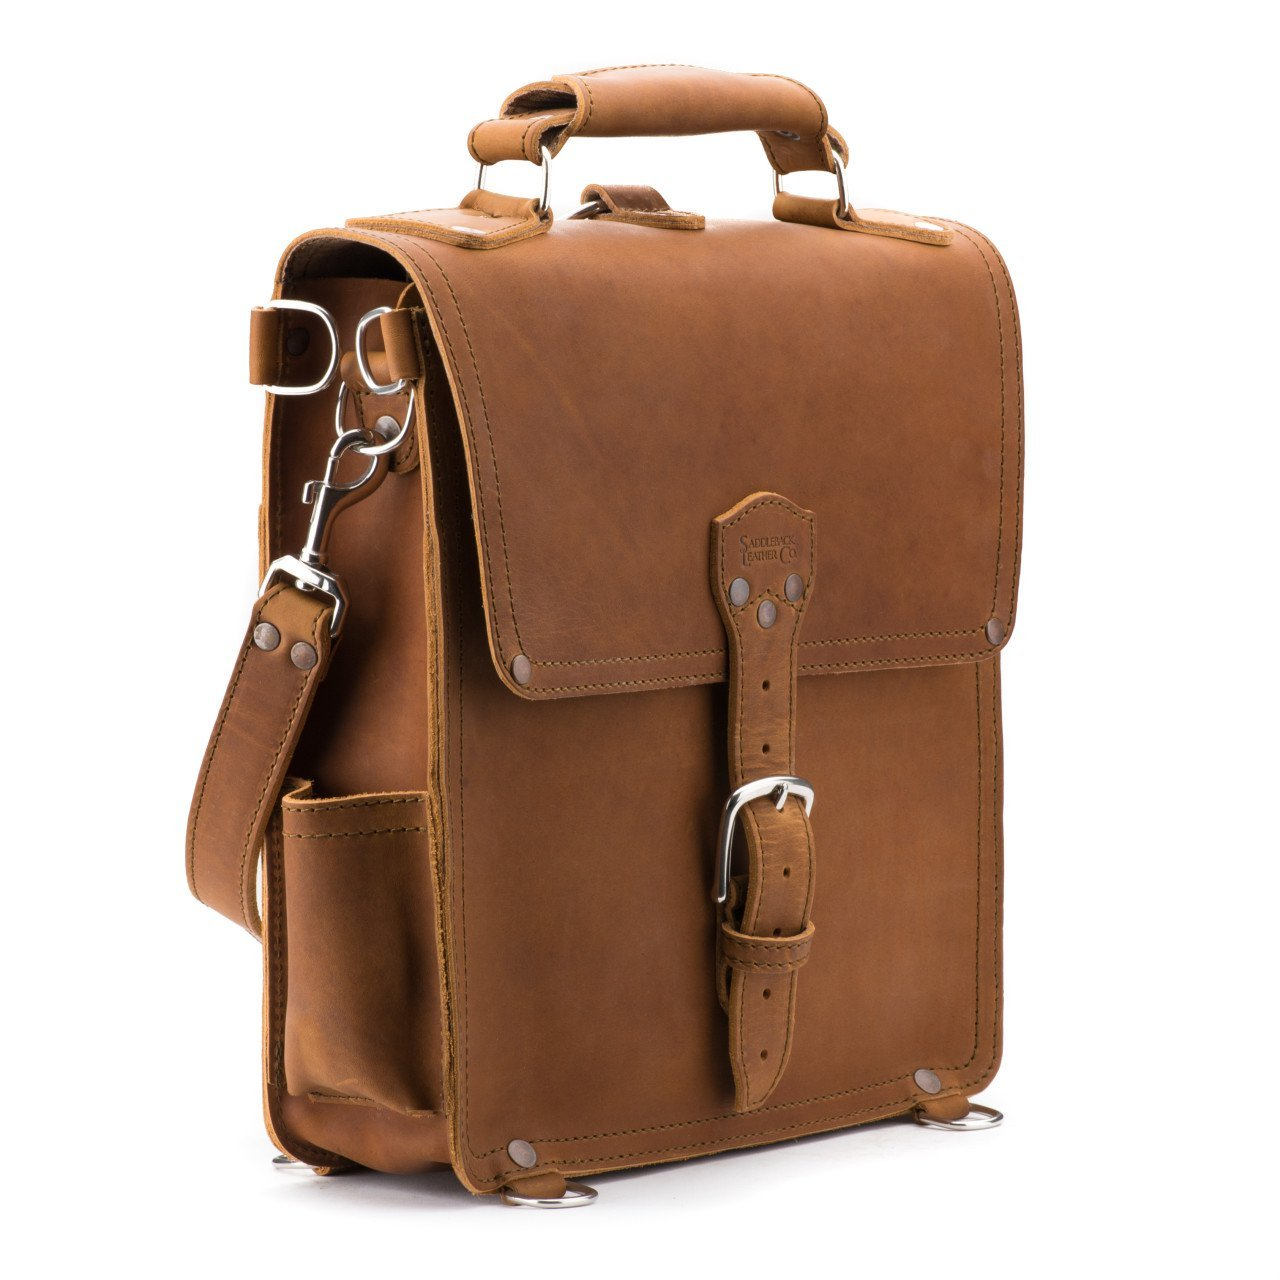 Saddleback Leather Messenger Bag - Leather Vertical Messenger - 100 Year Warranty